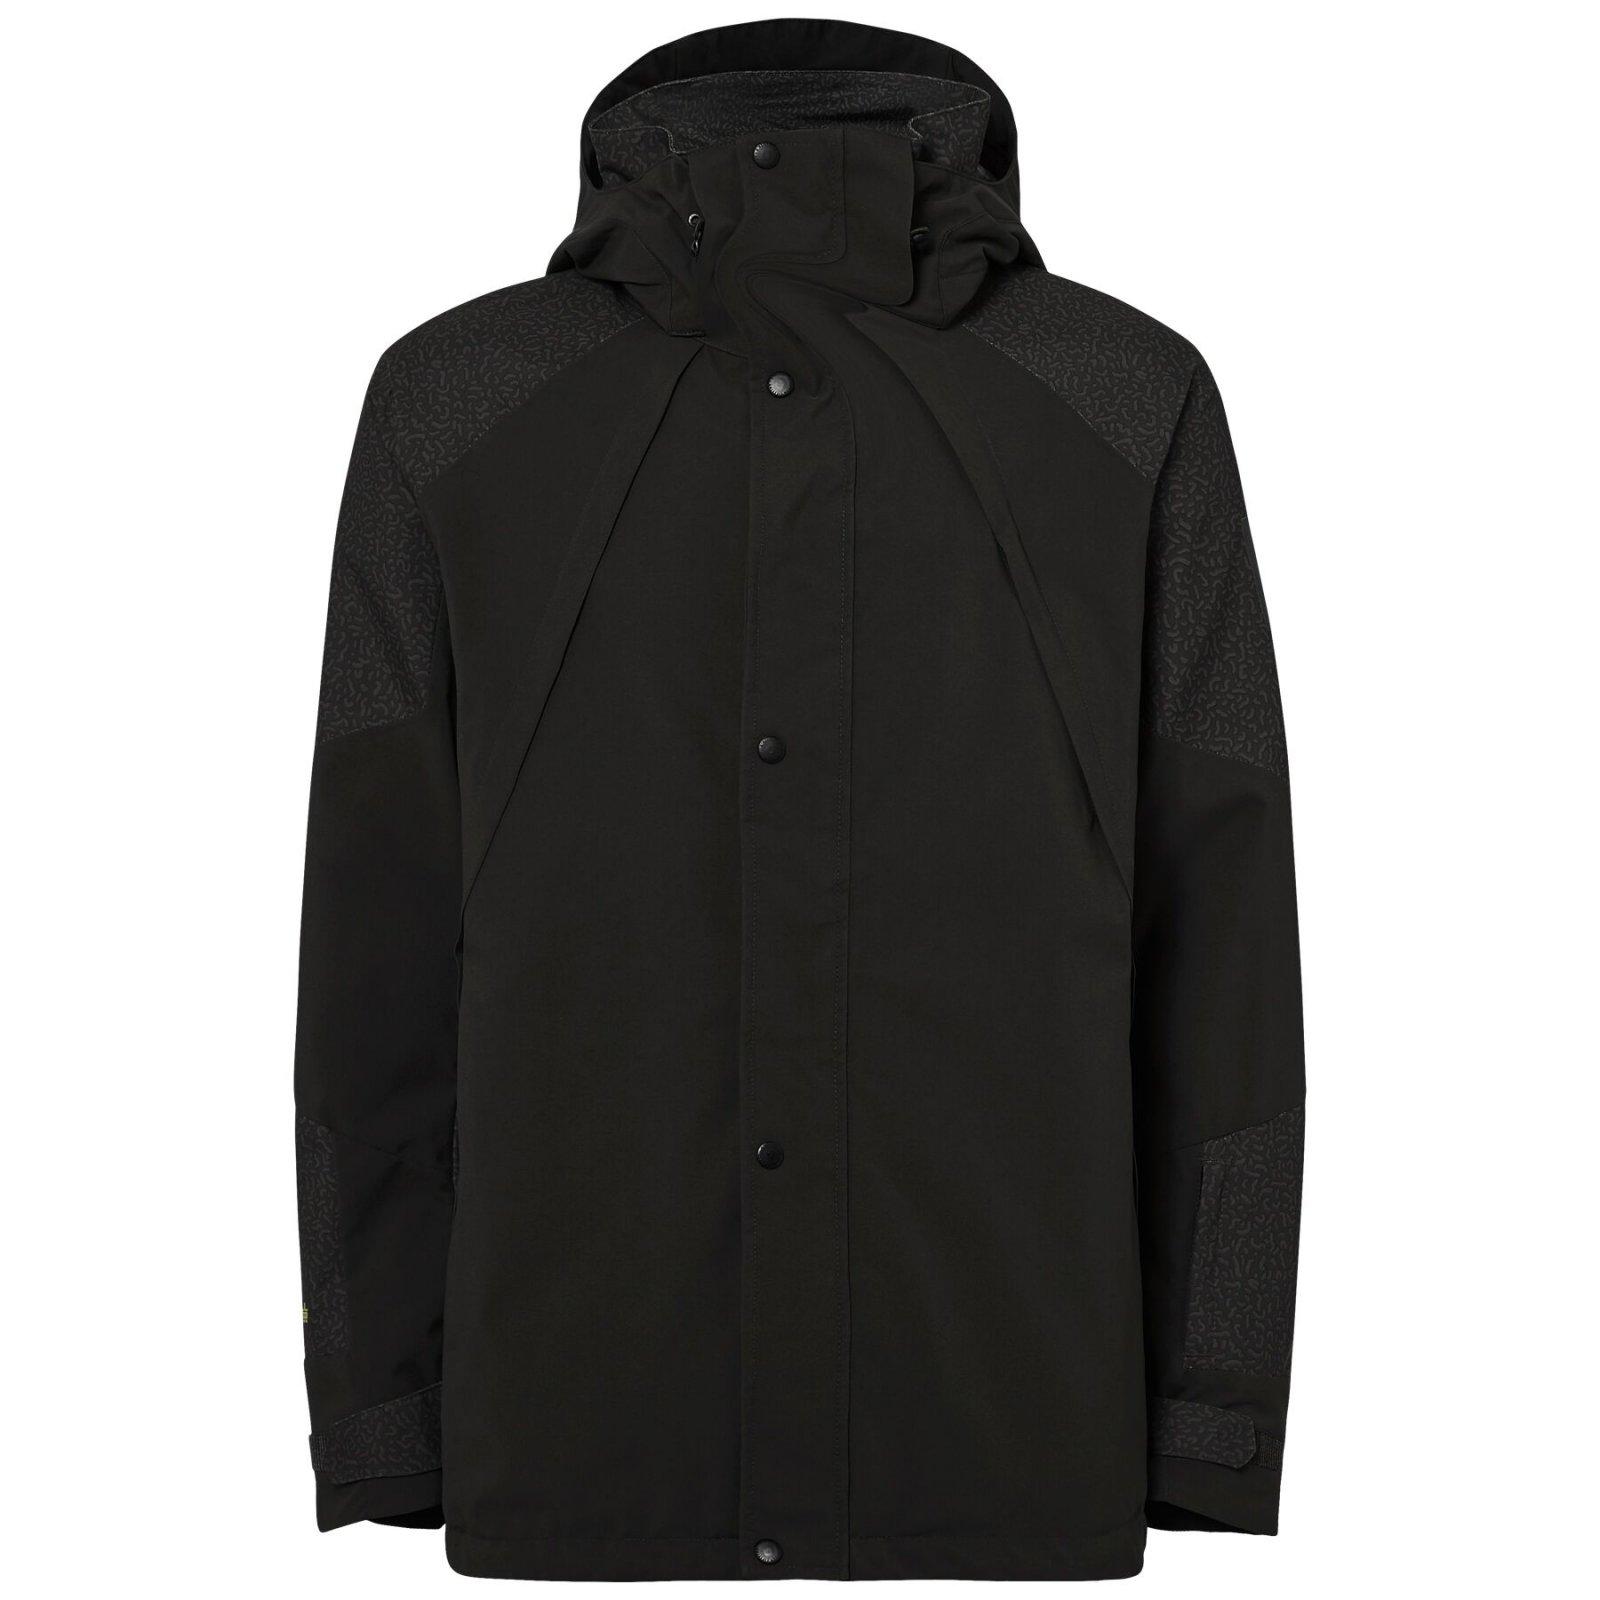 O'Neill Droppin' Jacket